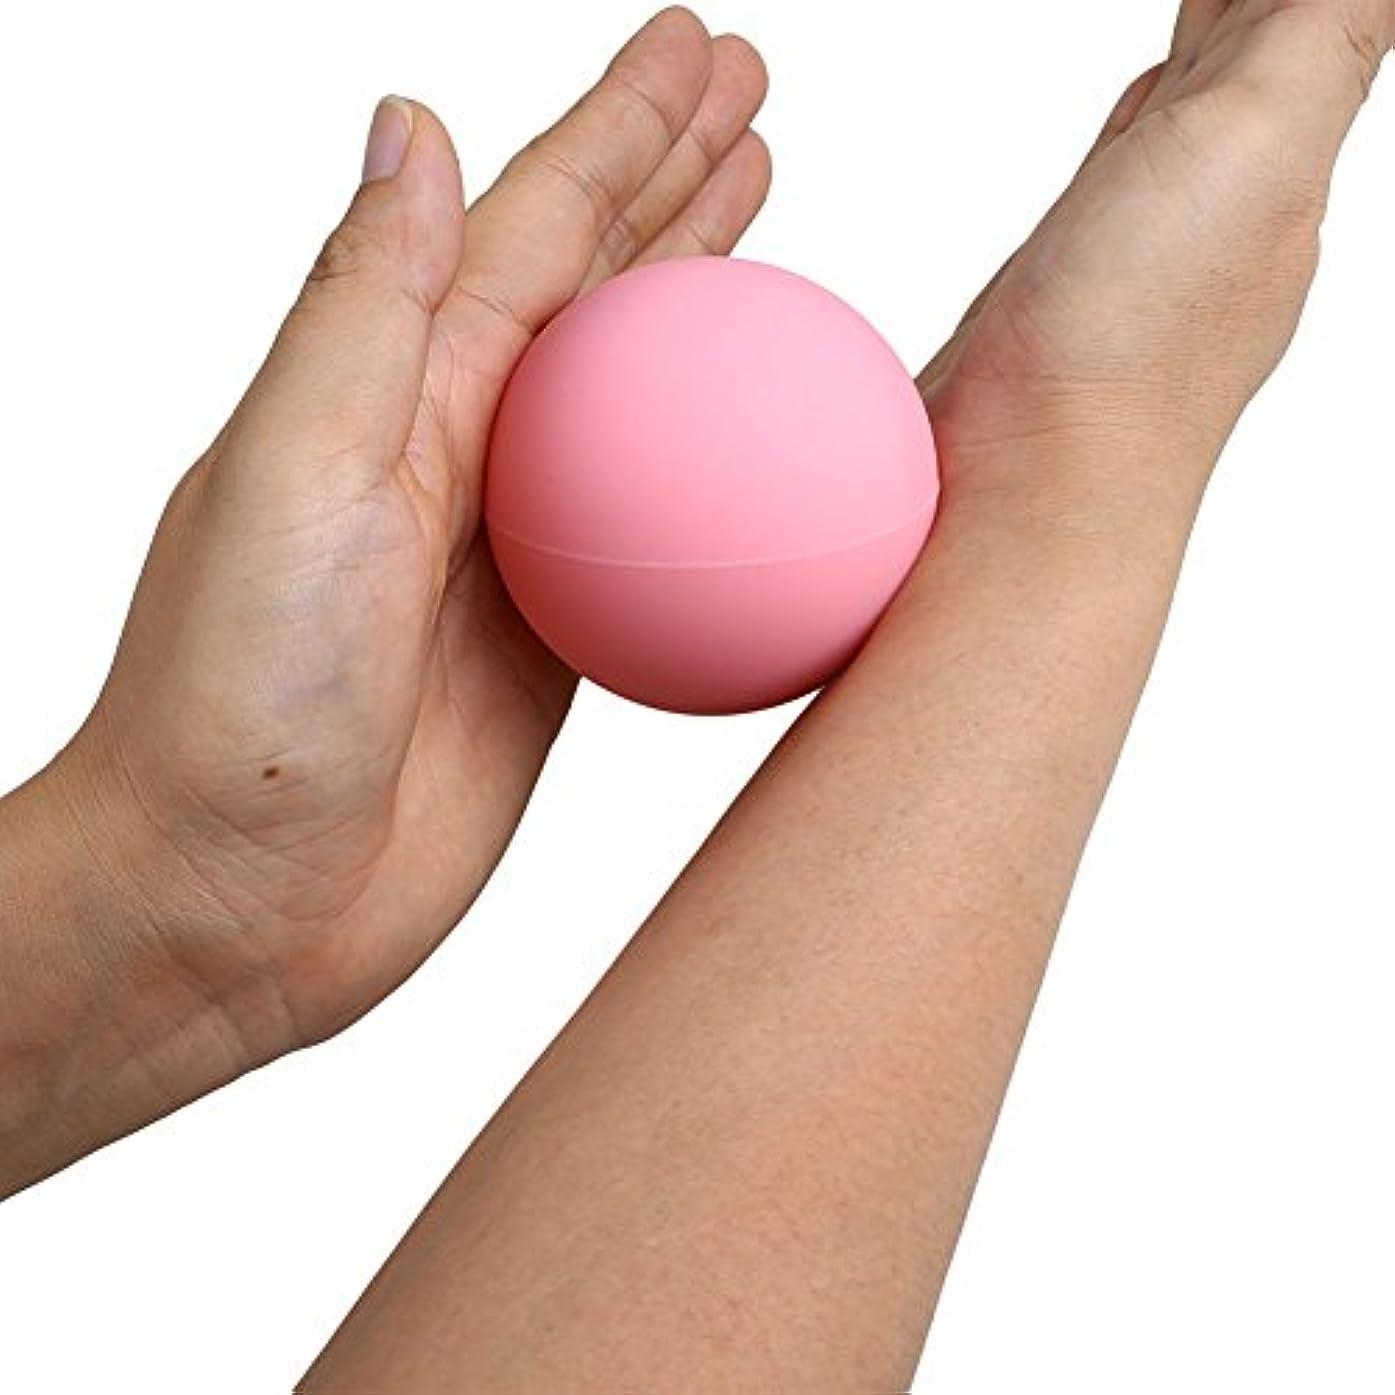 ワイド詩驚きAuntwhale ラクロスマッサージボール 毎日のためにジムヨガ 筋筋膜トリガーポイント リリース